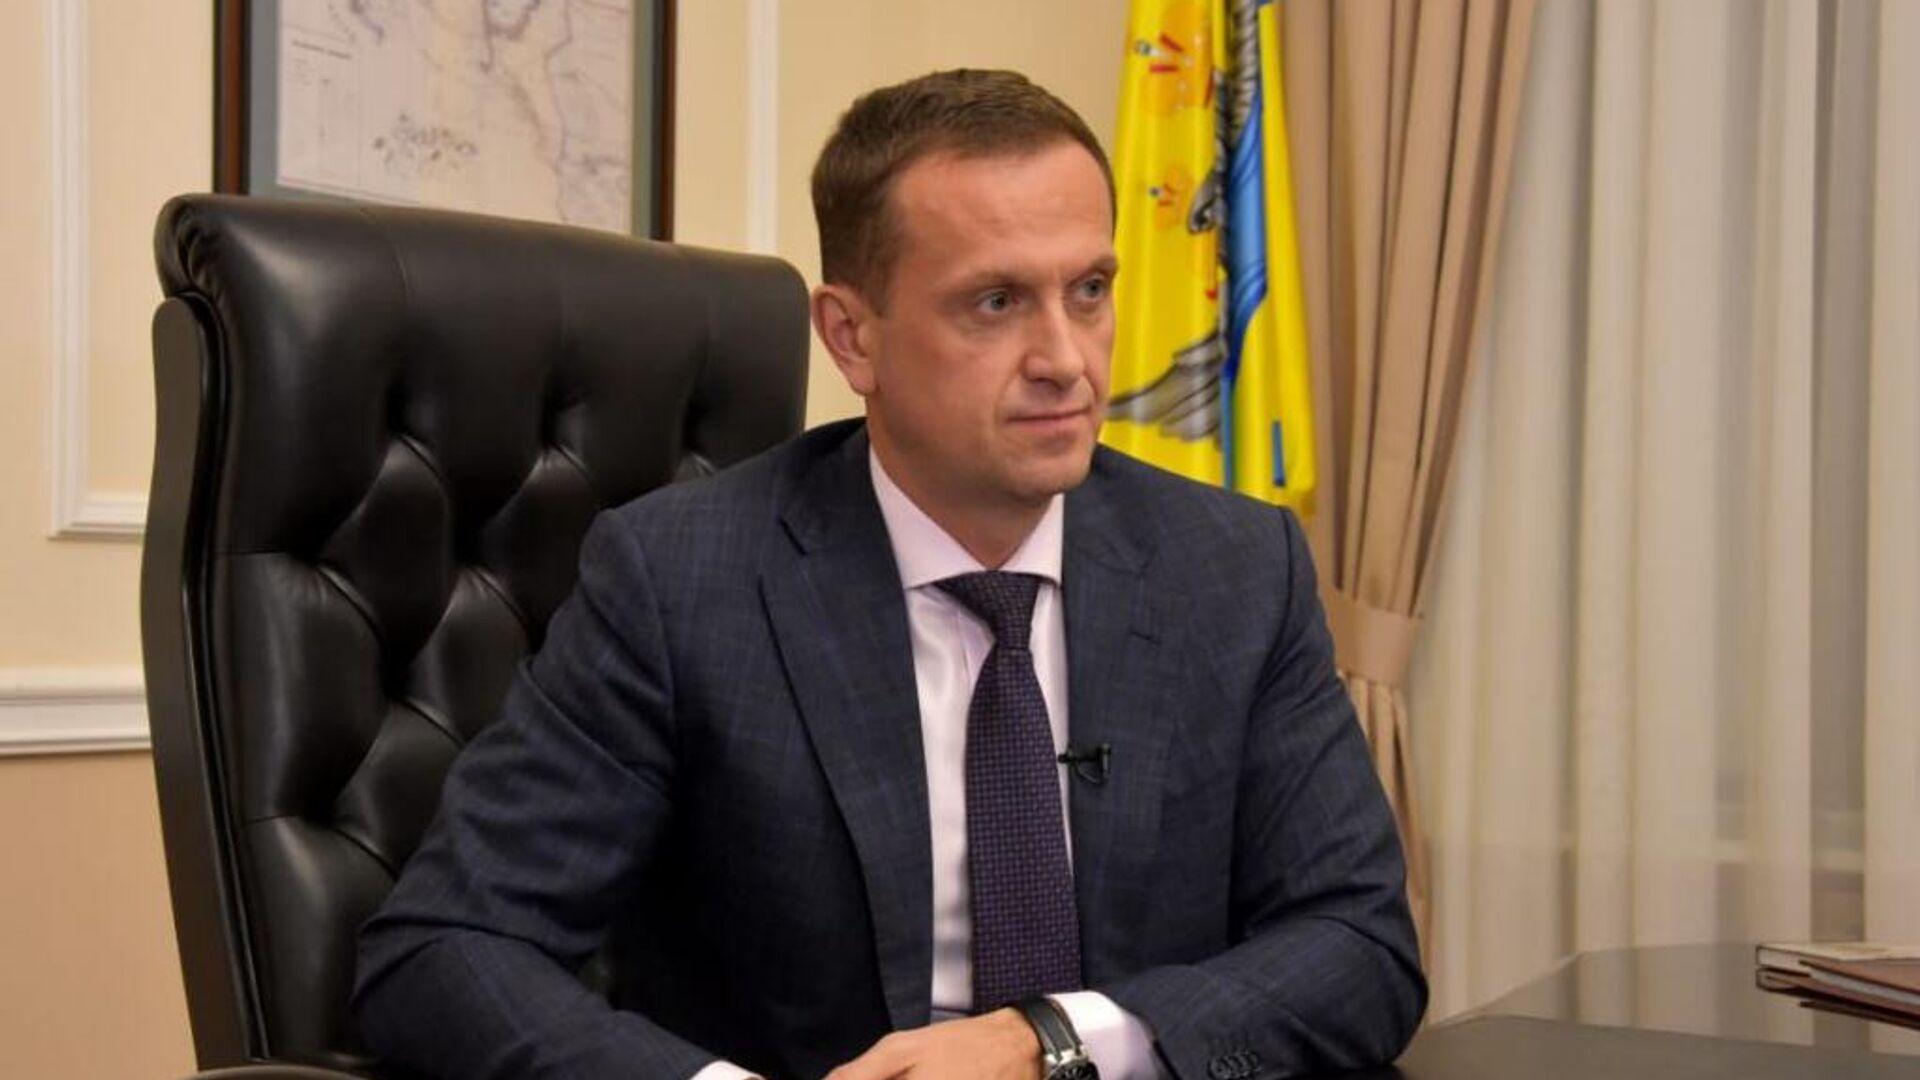 Глава Оренбурга Ильиных сложил полномочия по собственному желанию